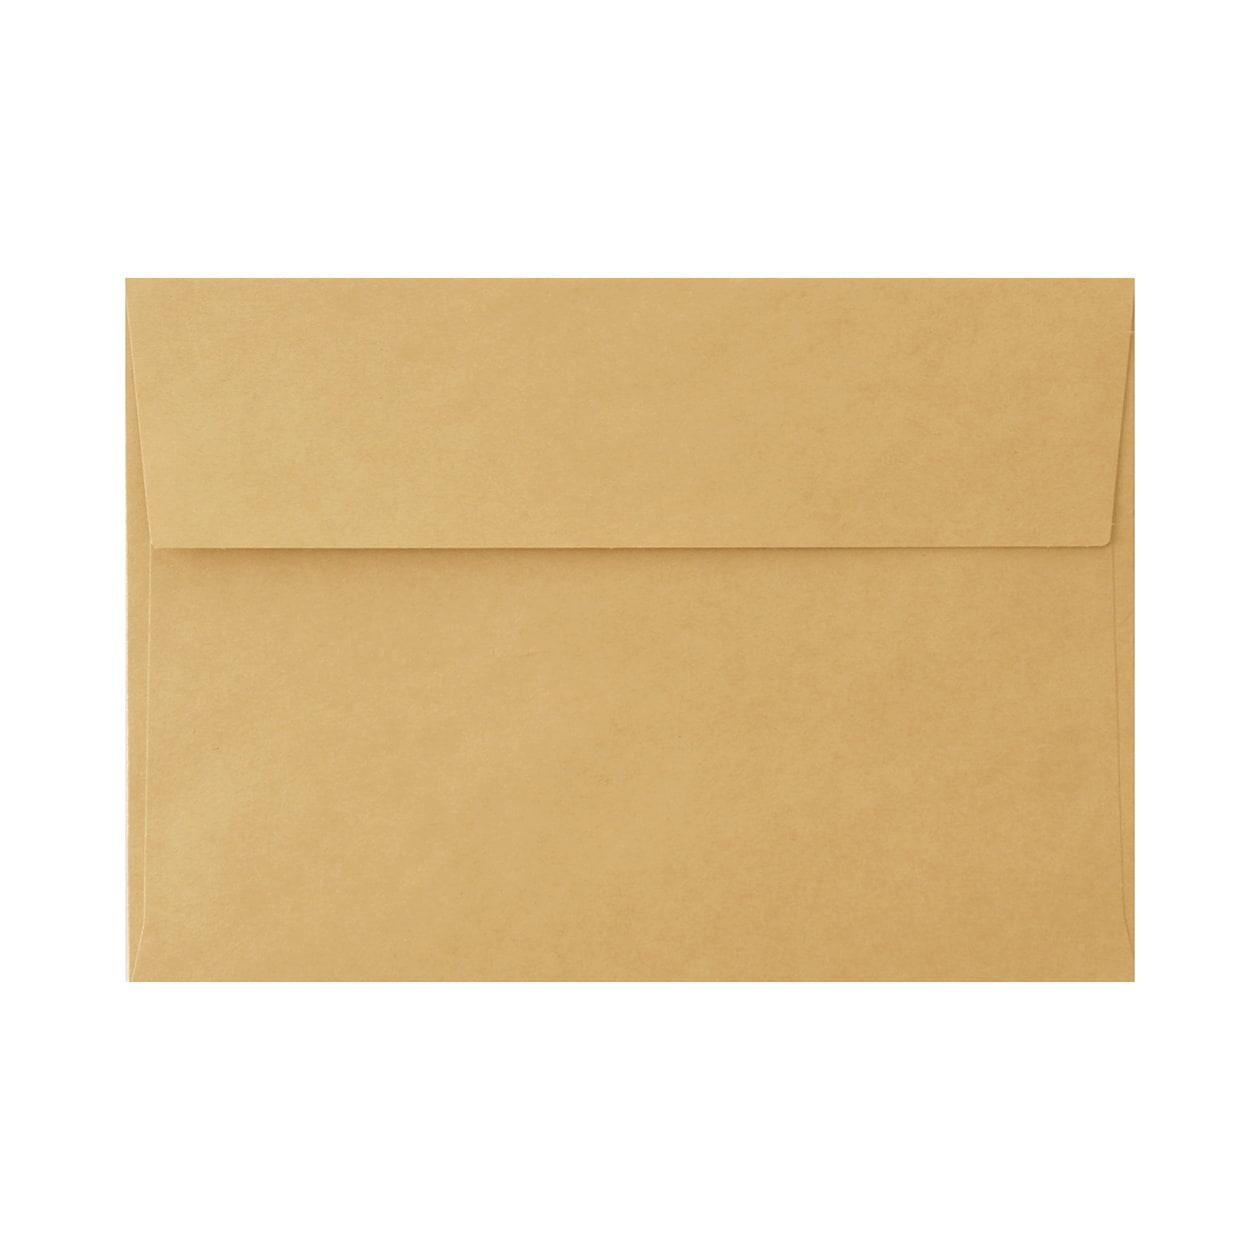 角6カマス封筒 クラシッククラフト ゴールド 107.5g